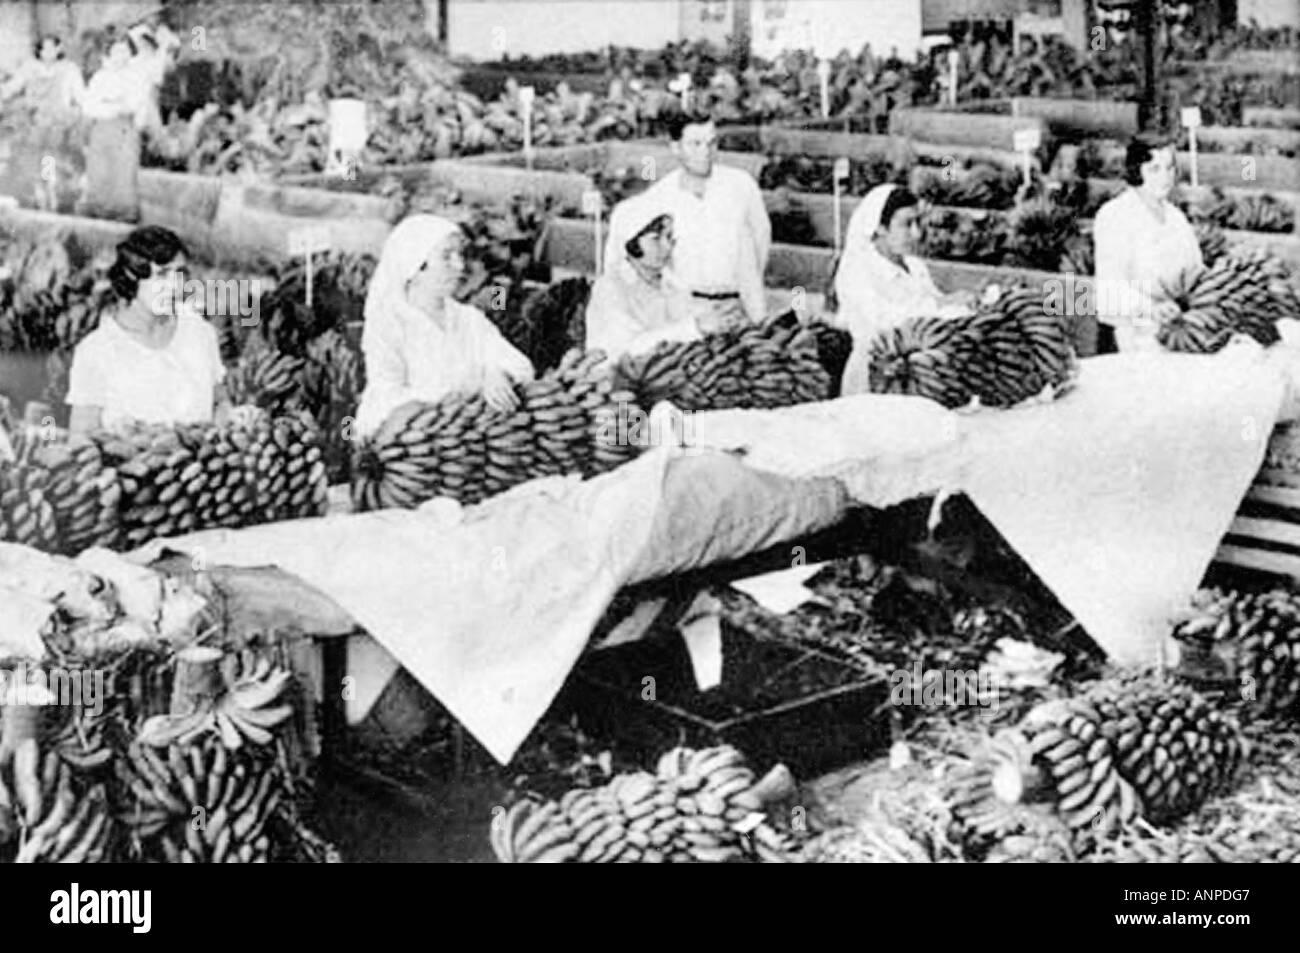 Archiv Foto Frauen Bananen für den Export vorbereiten. Das Molino De Gofio ethnographische Museum in Hermigua, La Gomera. Stockbild